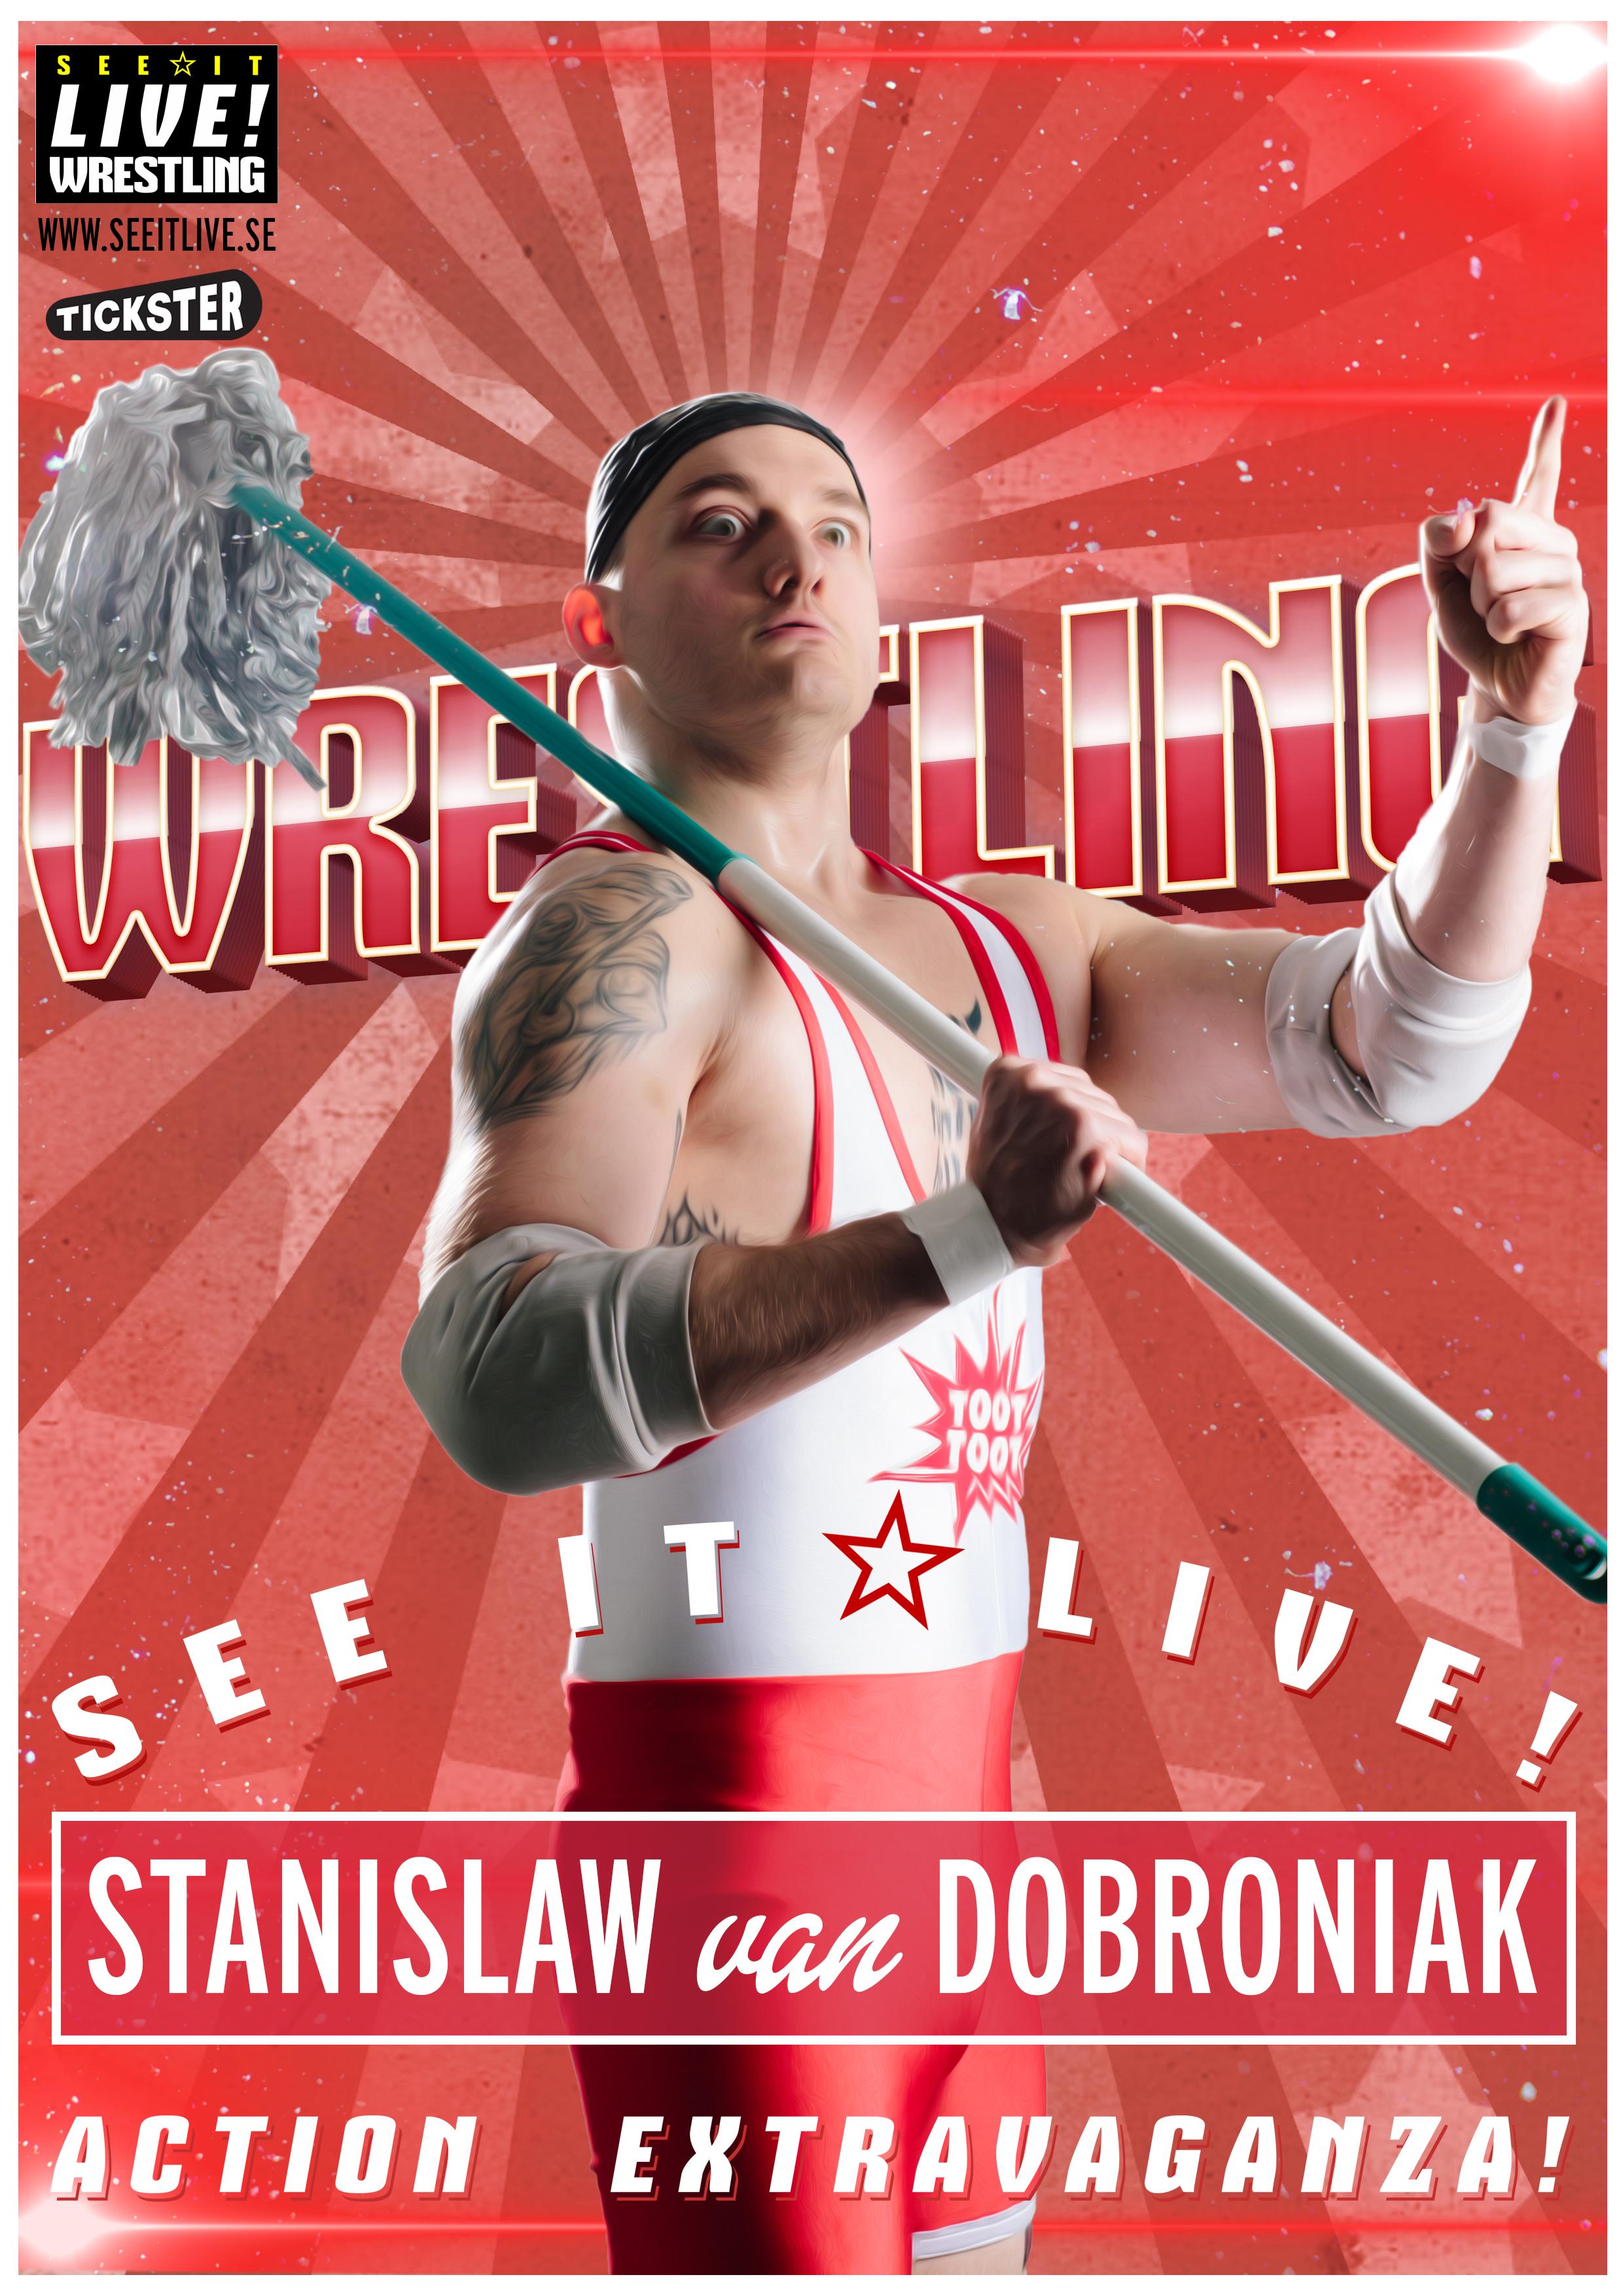 Stanislaw van Dobriniak